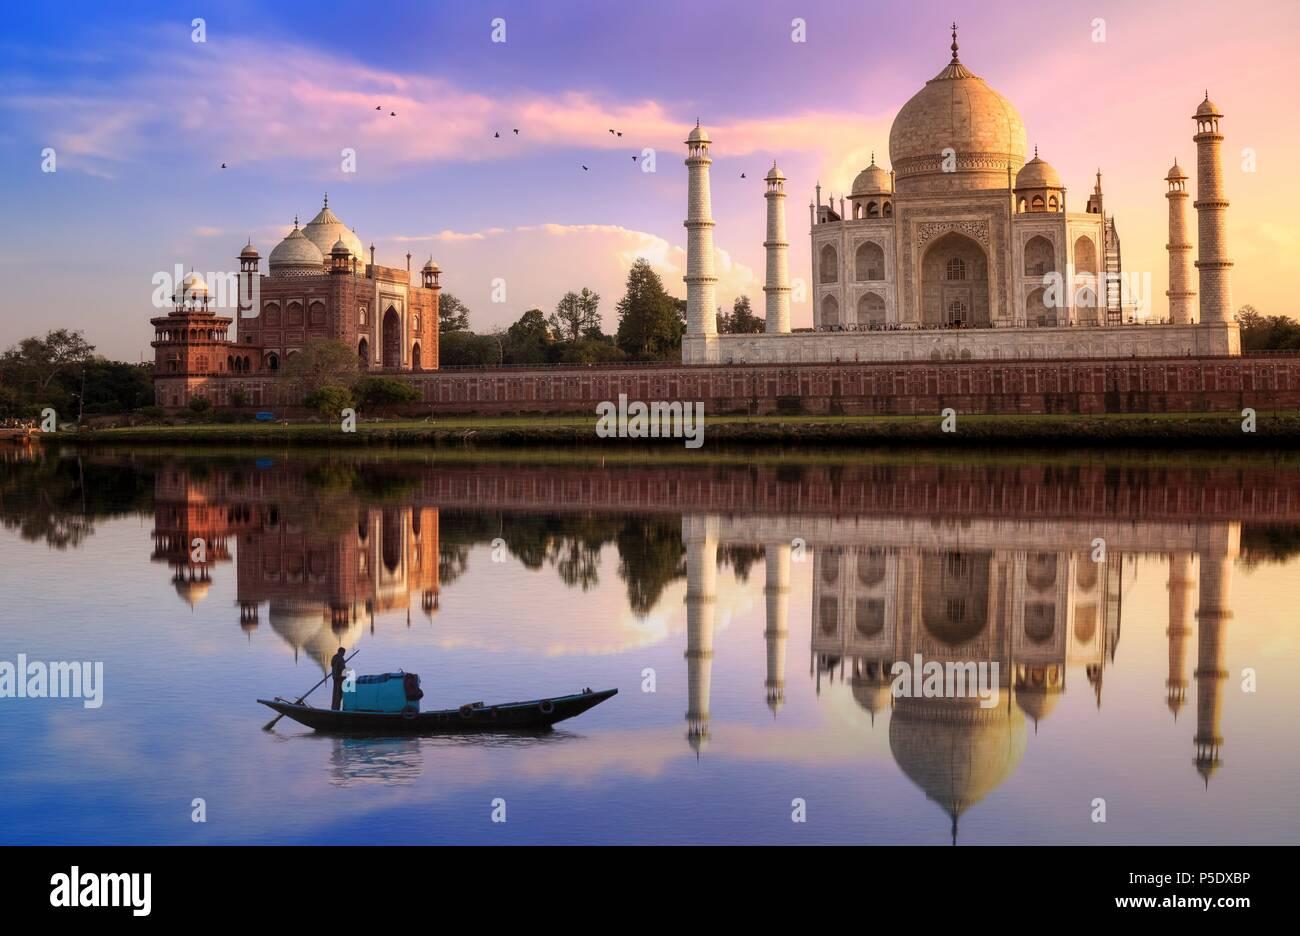 Taj Mahal Agra al tramonto con moody sky con la barca di legno sul fiume Yamuna Immagini Stock